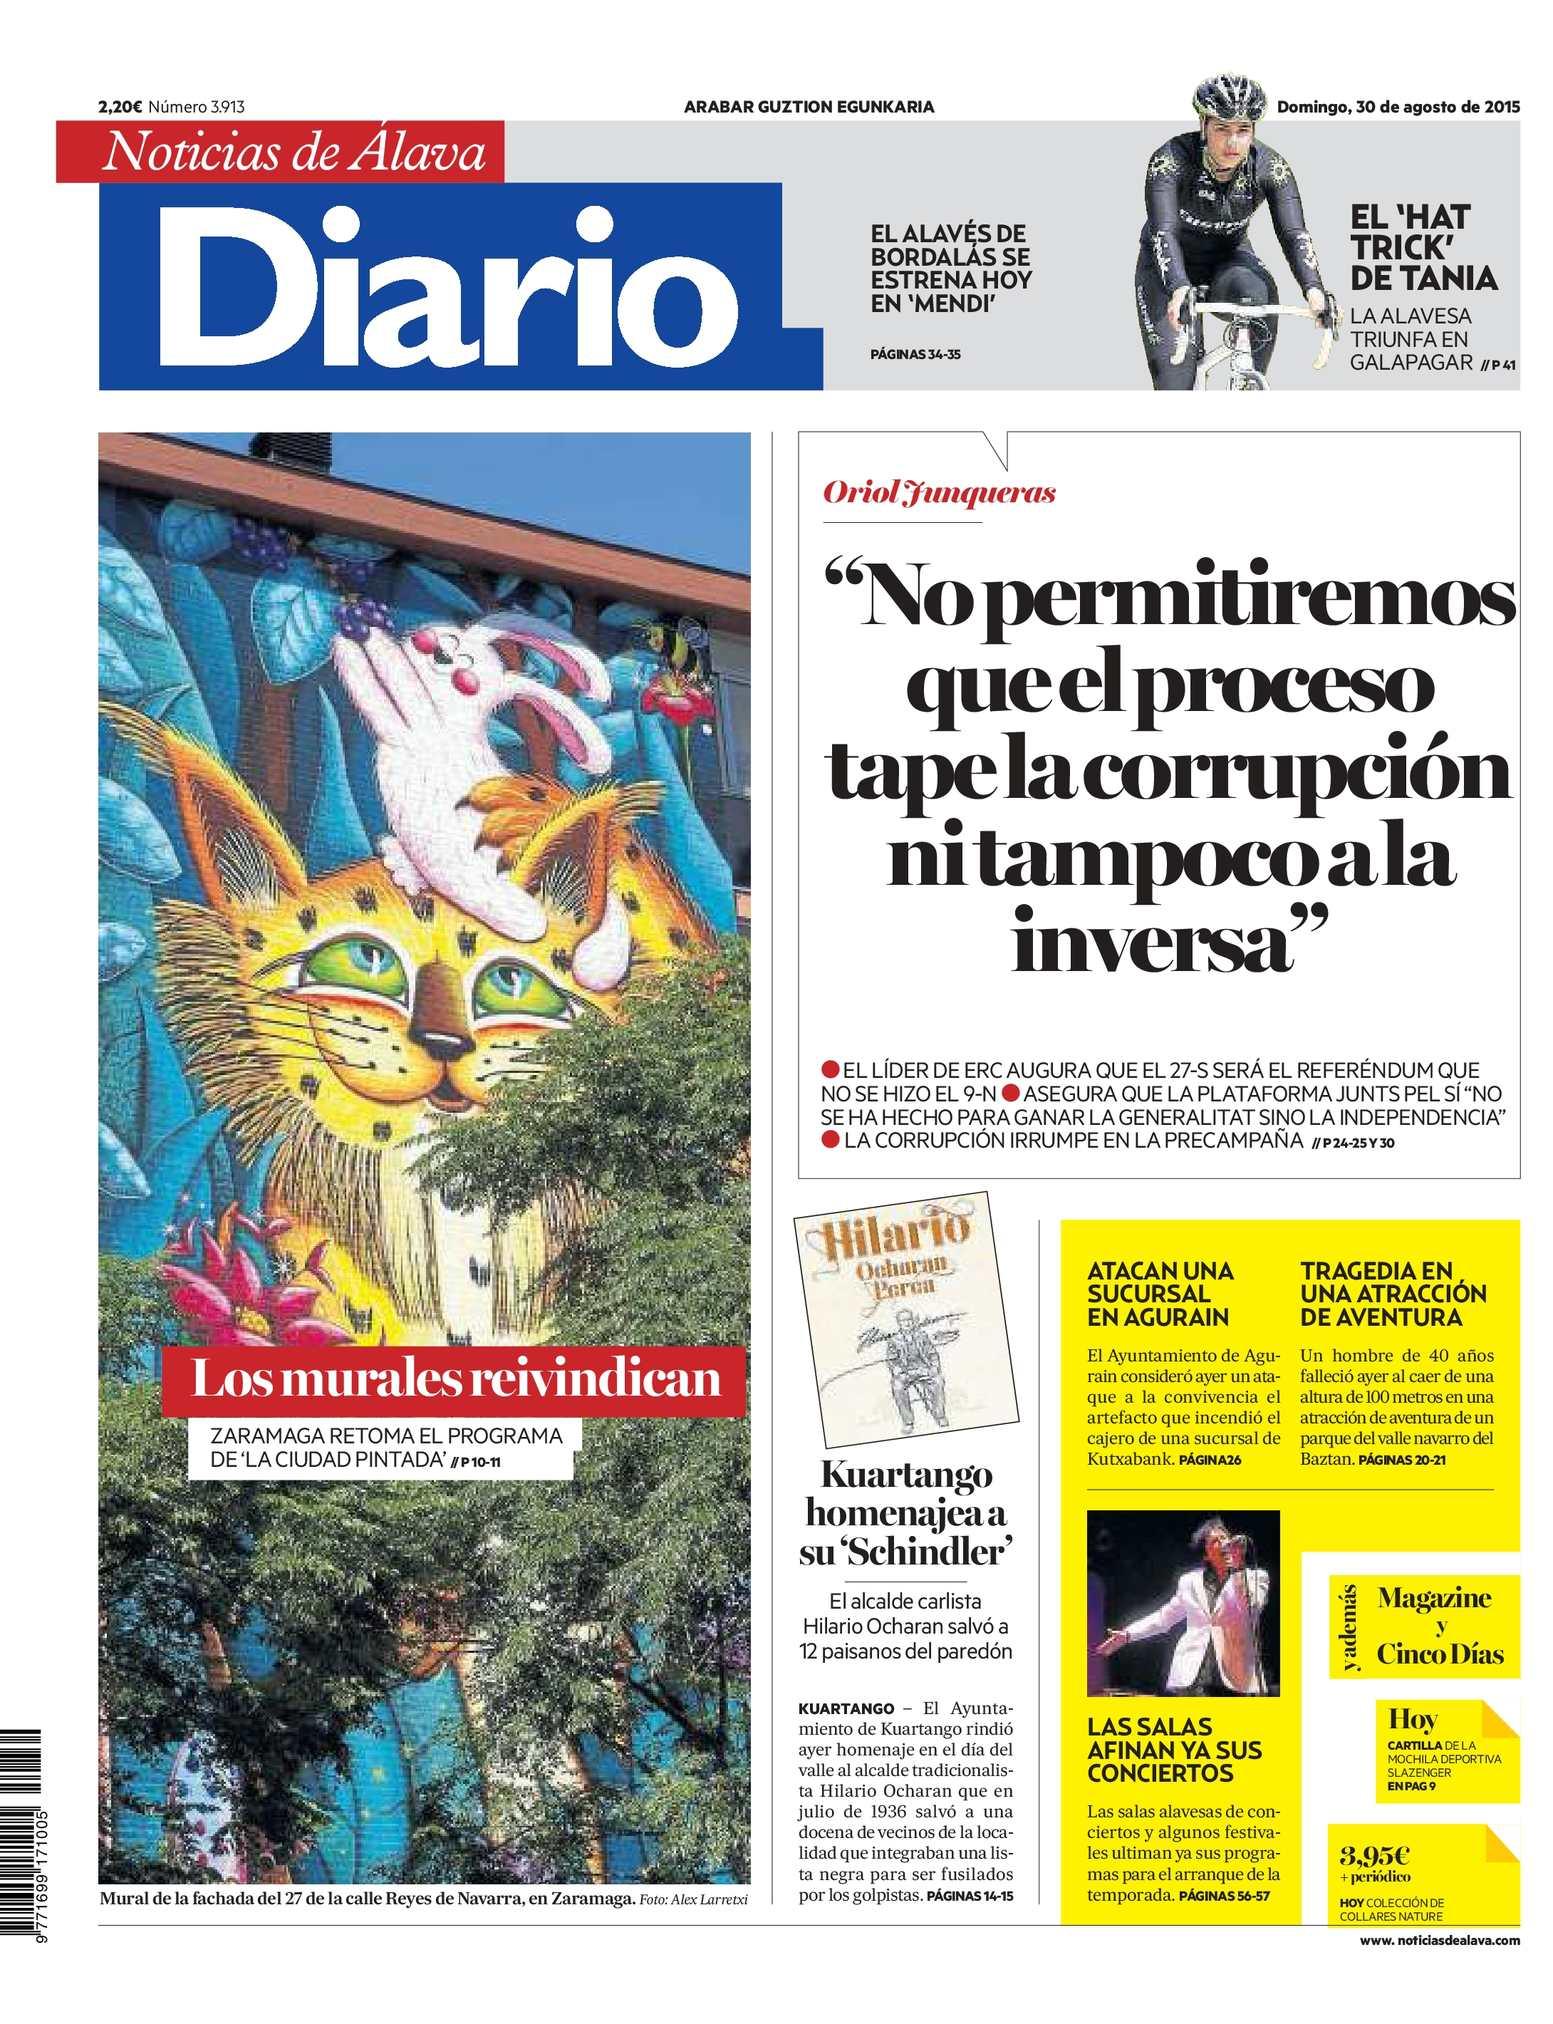 Calaméo - Diario de Noticias de Álava 20150830 08675feb43b